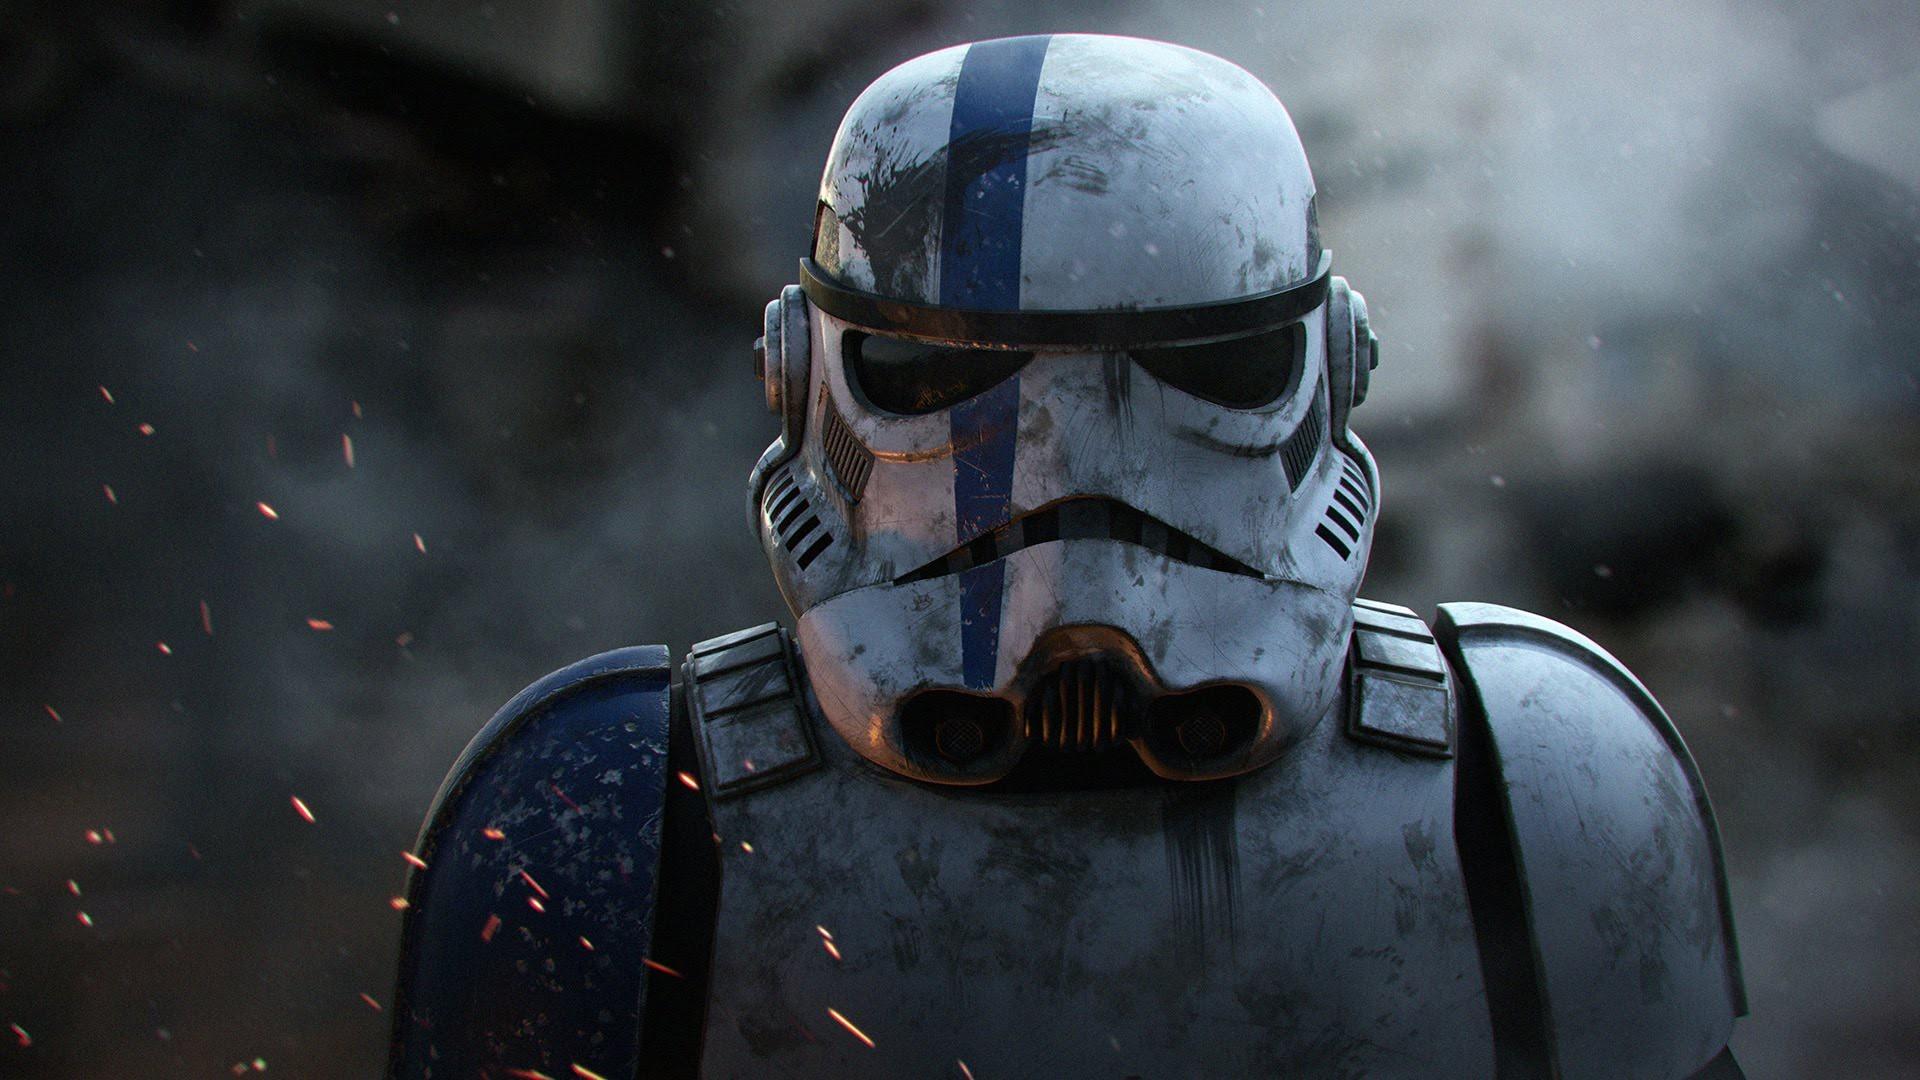 Art/MediaA Proud Imperial Stormtrooper After Battling Rebel Scum.